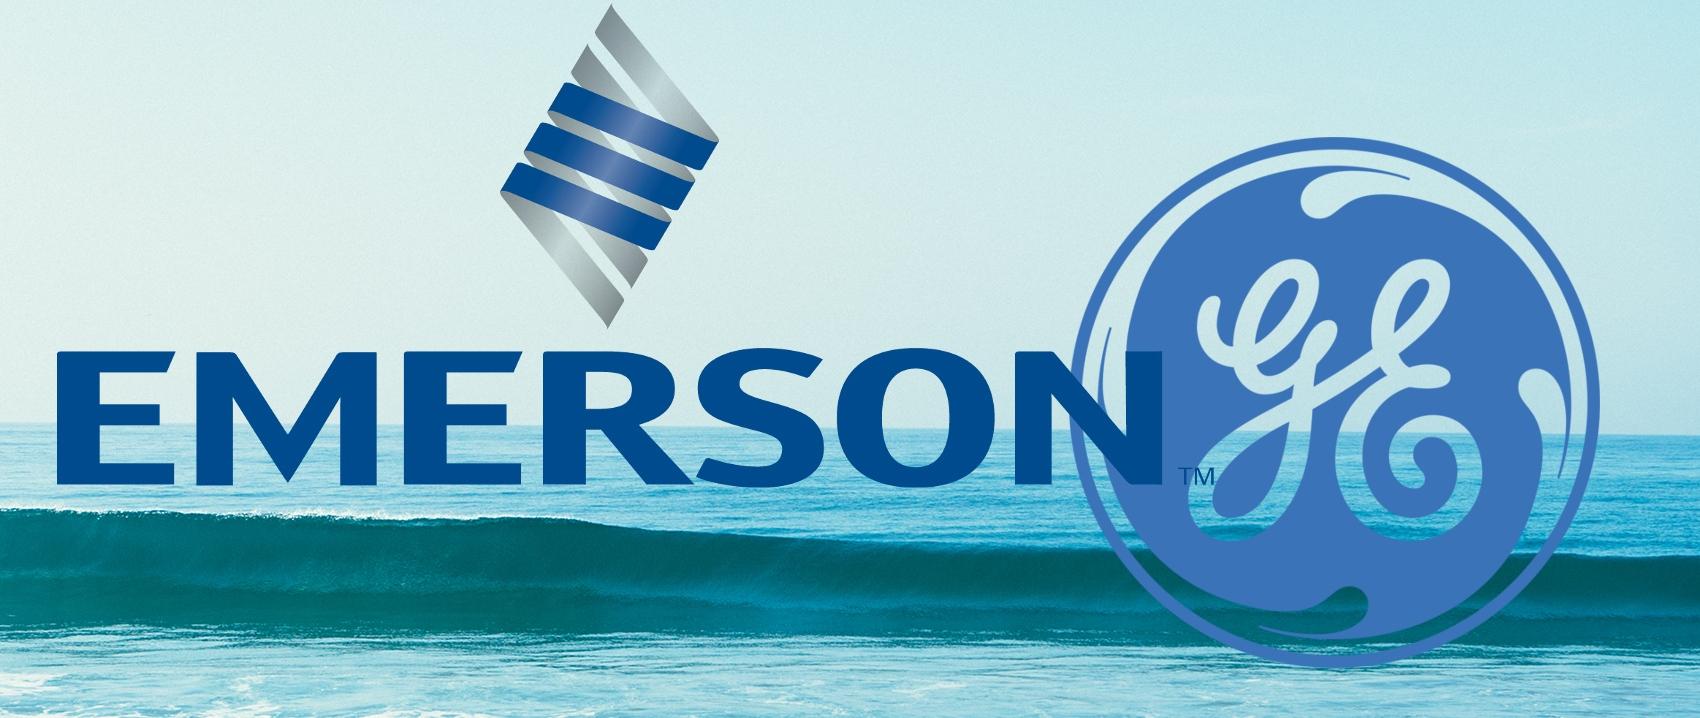 Emerson announces the acquisition of GE Intelligent Platform Business